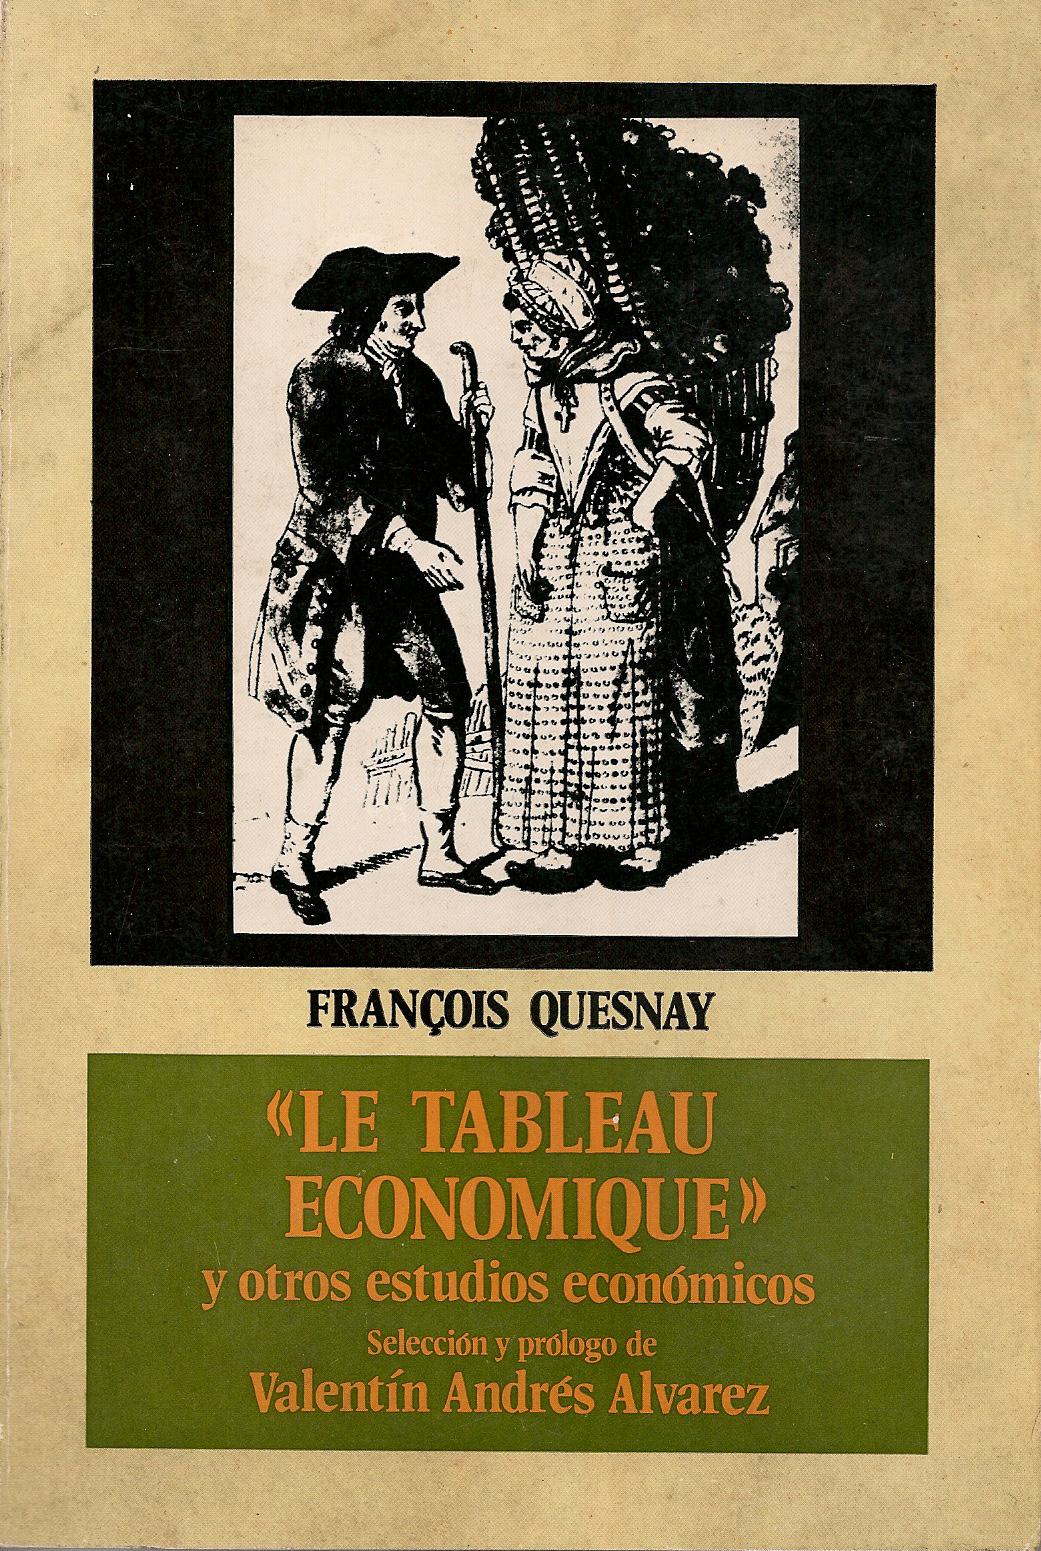 Le Tableau économique y otros estudios económicos